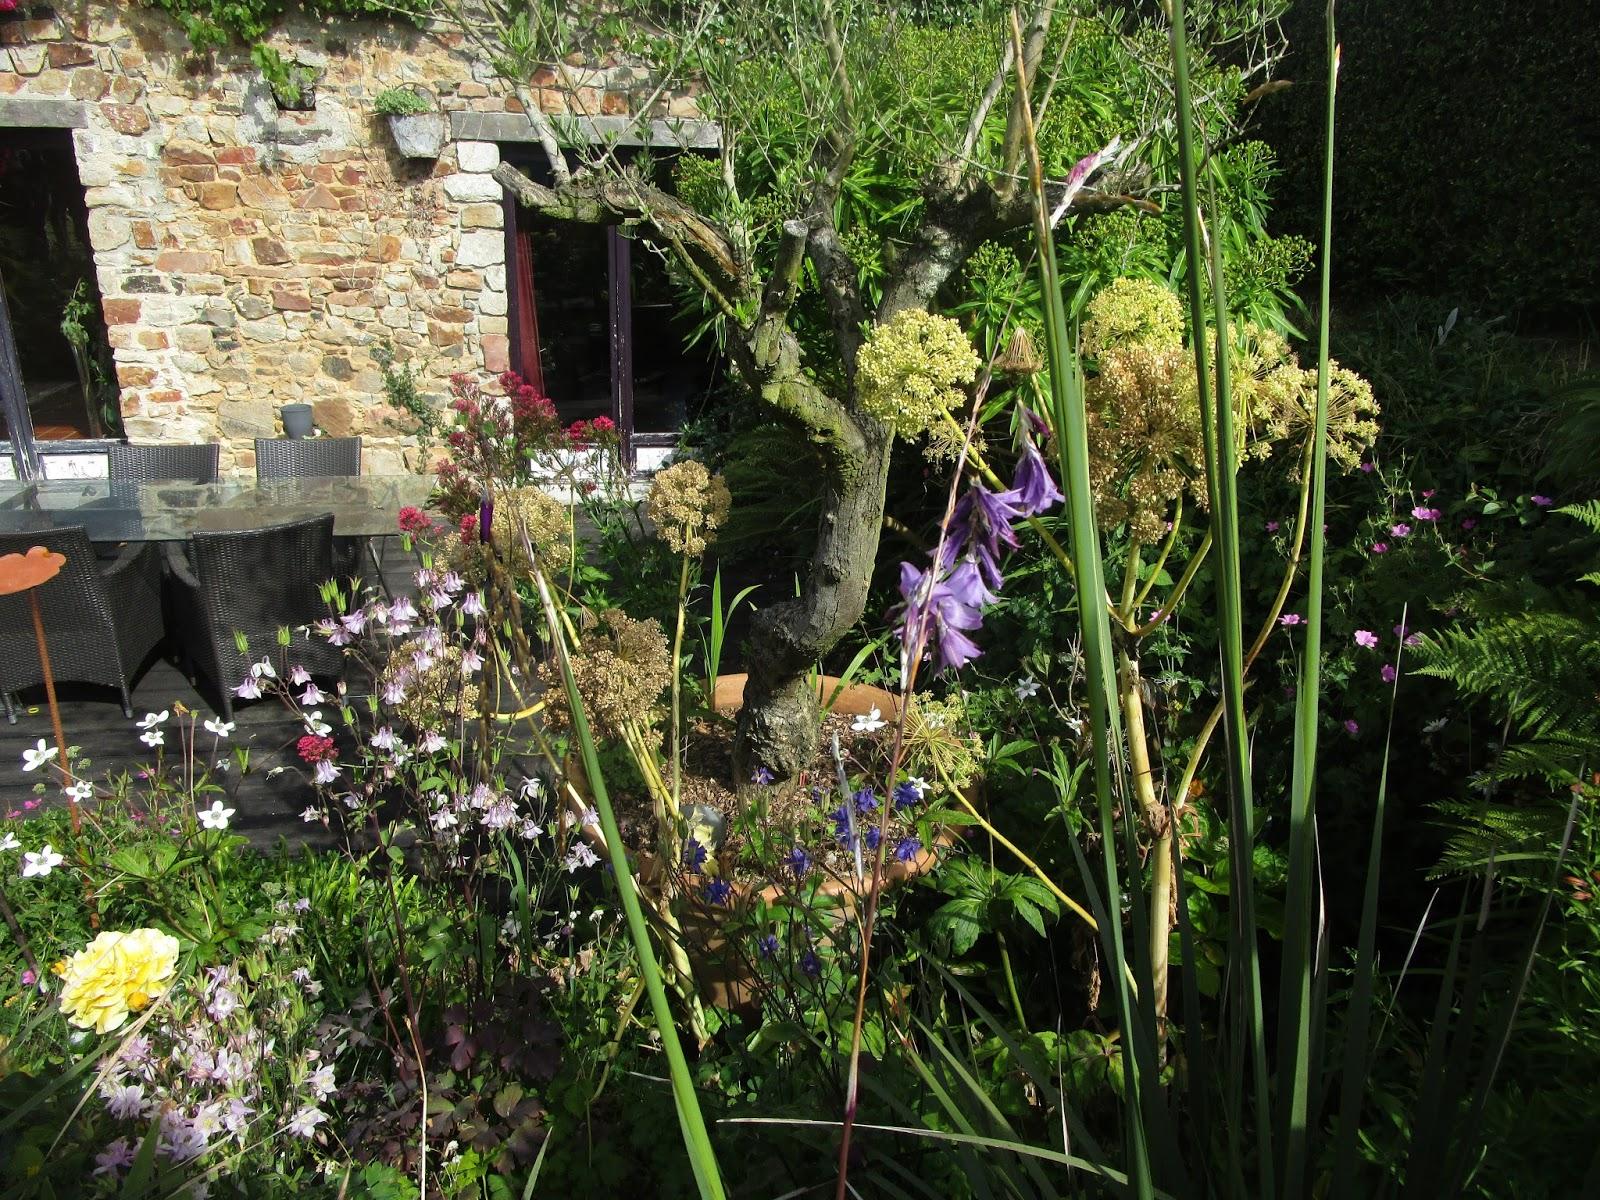 IMG_3537 Meilleur De De Abri De Jardin Bricorama Concept